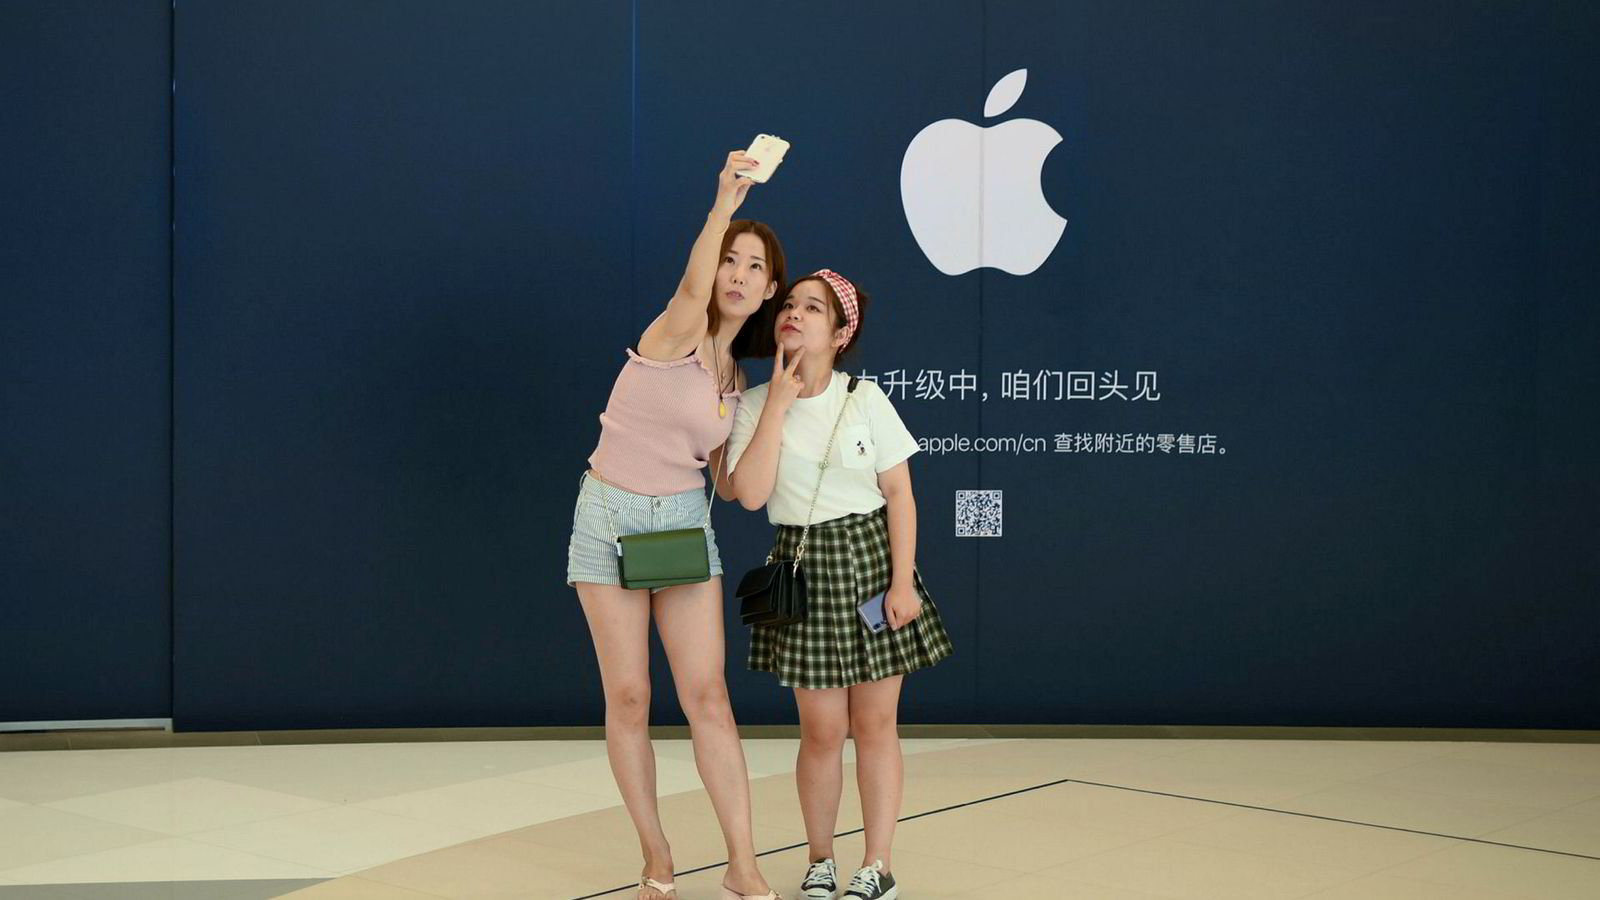 Apple kommer med tre nye Iphone-modeller i høst – tilpasset krav fra asiatiske brukere, som forlanger store skjermer, to sim-kort og avanserte kameraer – til en konkurransedyktig pris. Huawei gikk forbi Apple og ble verdens nest største smarttelefonprodusent i andre kvartal.